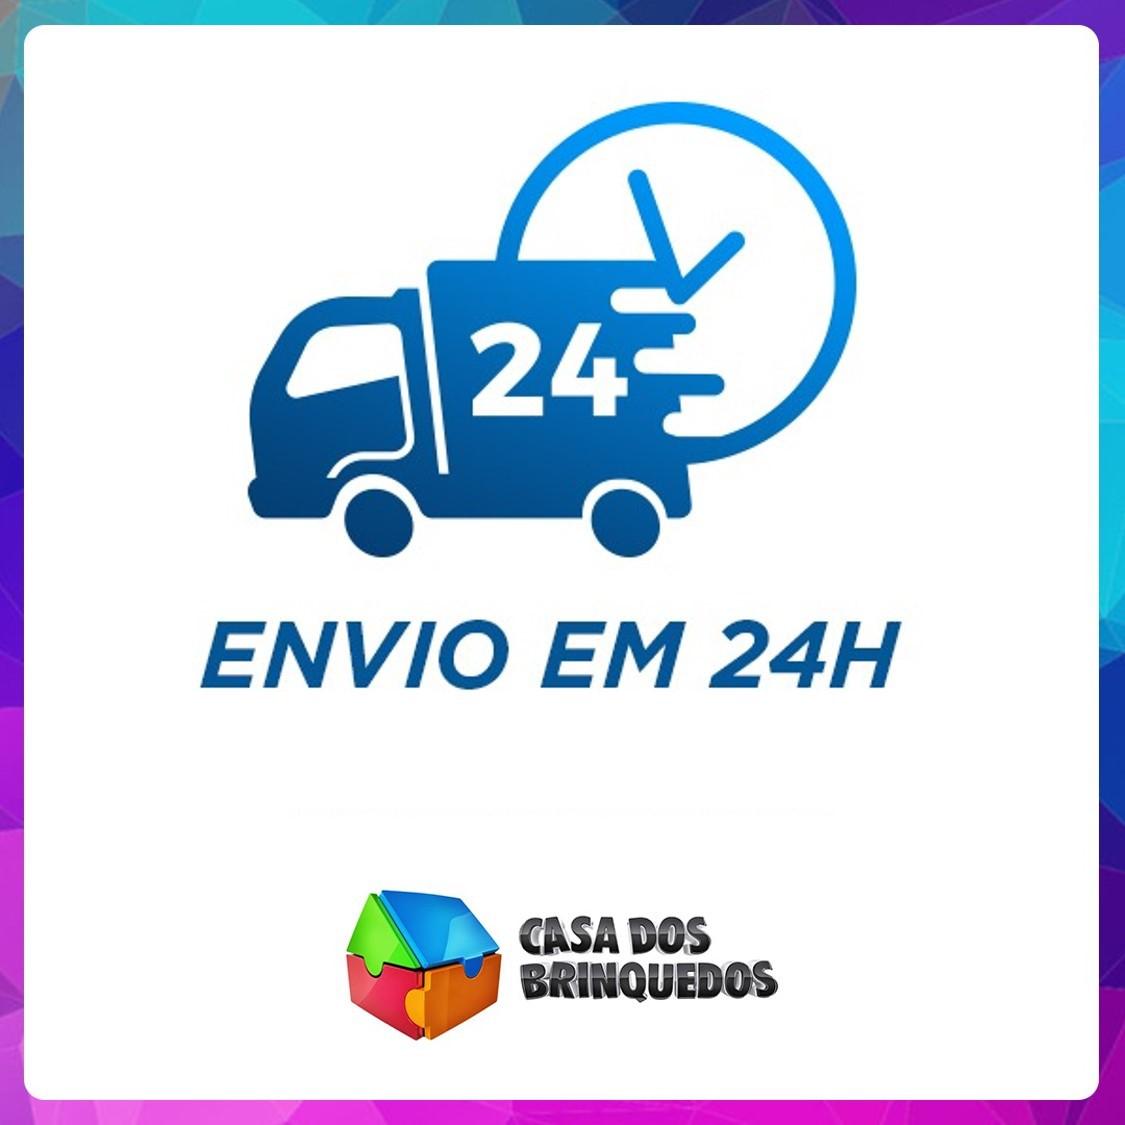 BONECO CAPITÃO AMERICA PAWER FX AVENGERS 30CM E3919 HASBRO